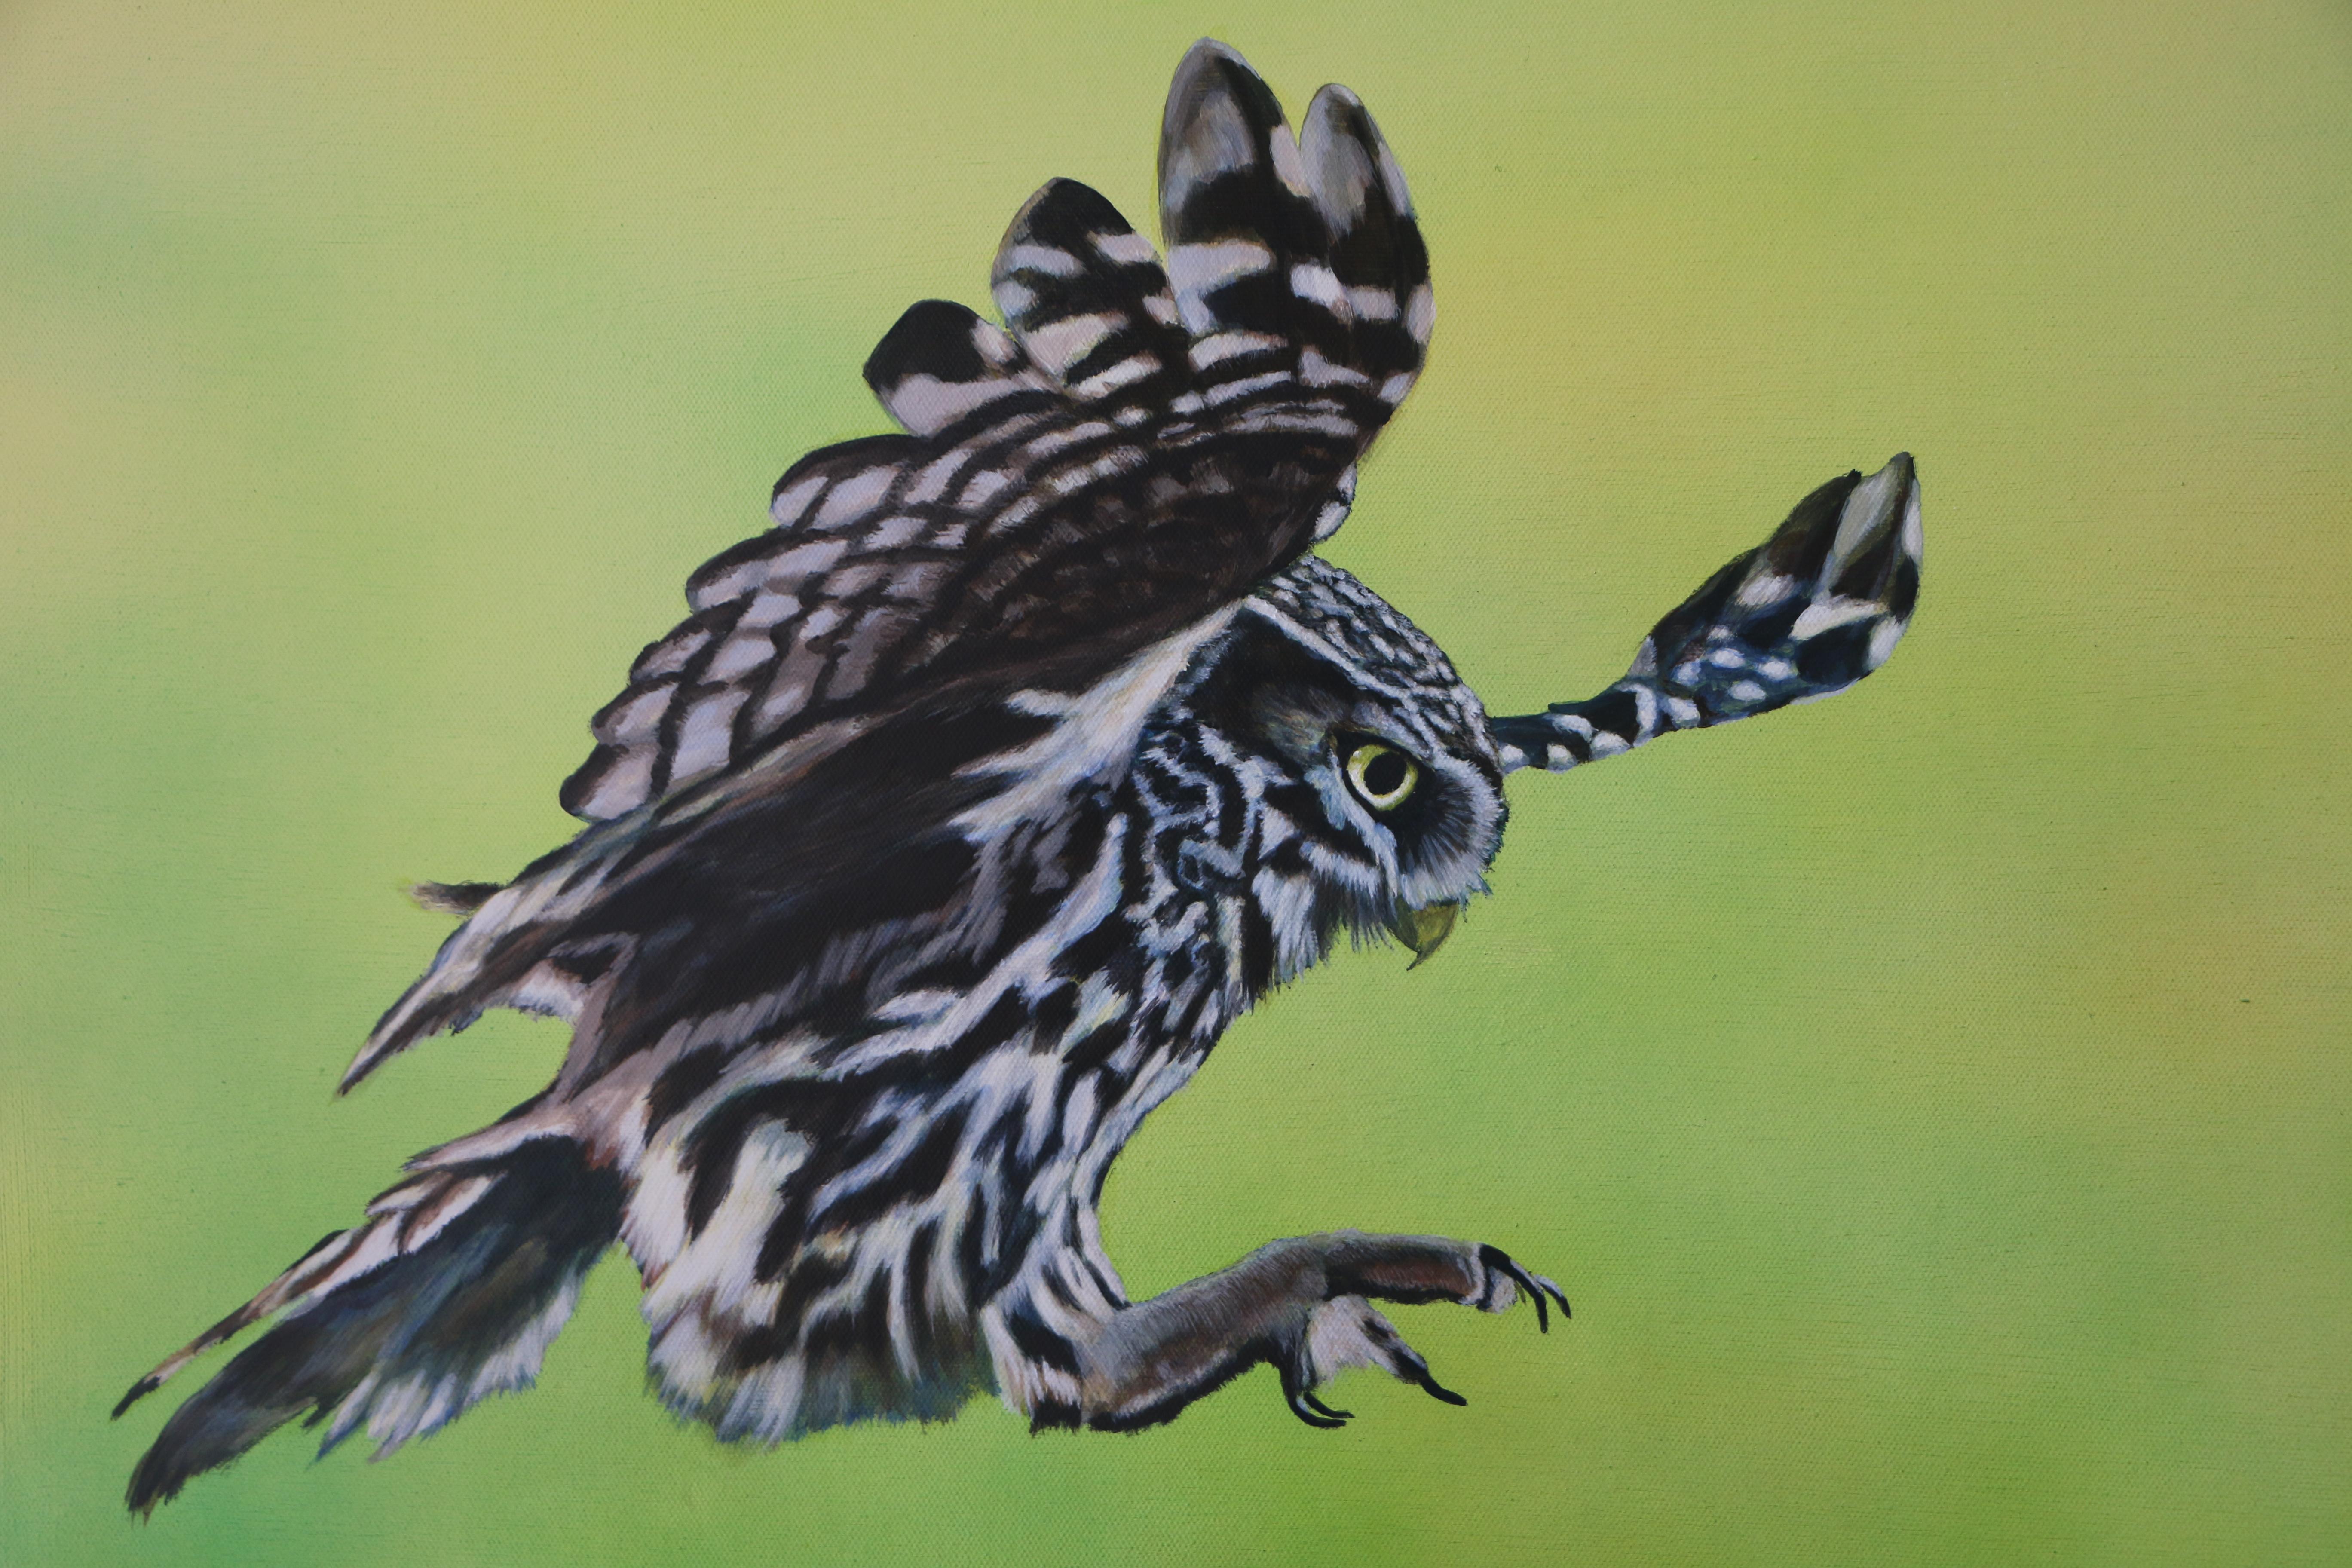 Owl 100 x 70 cm (Close up)